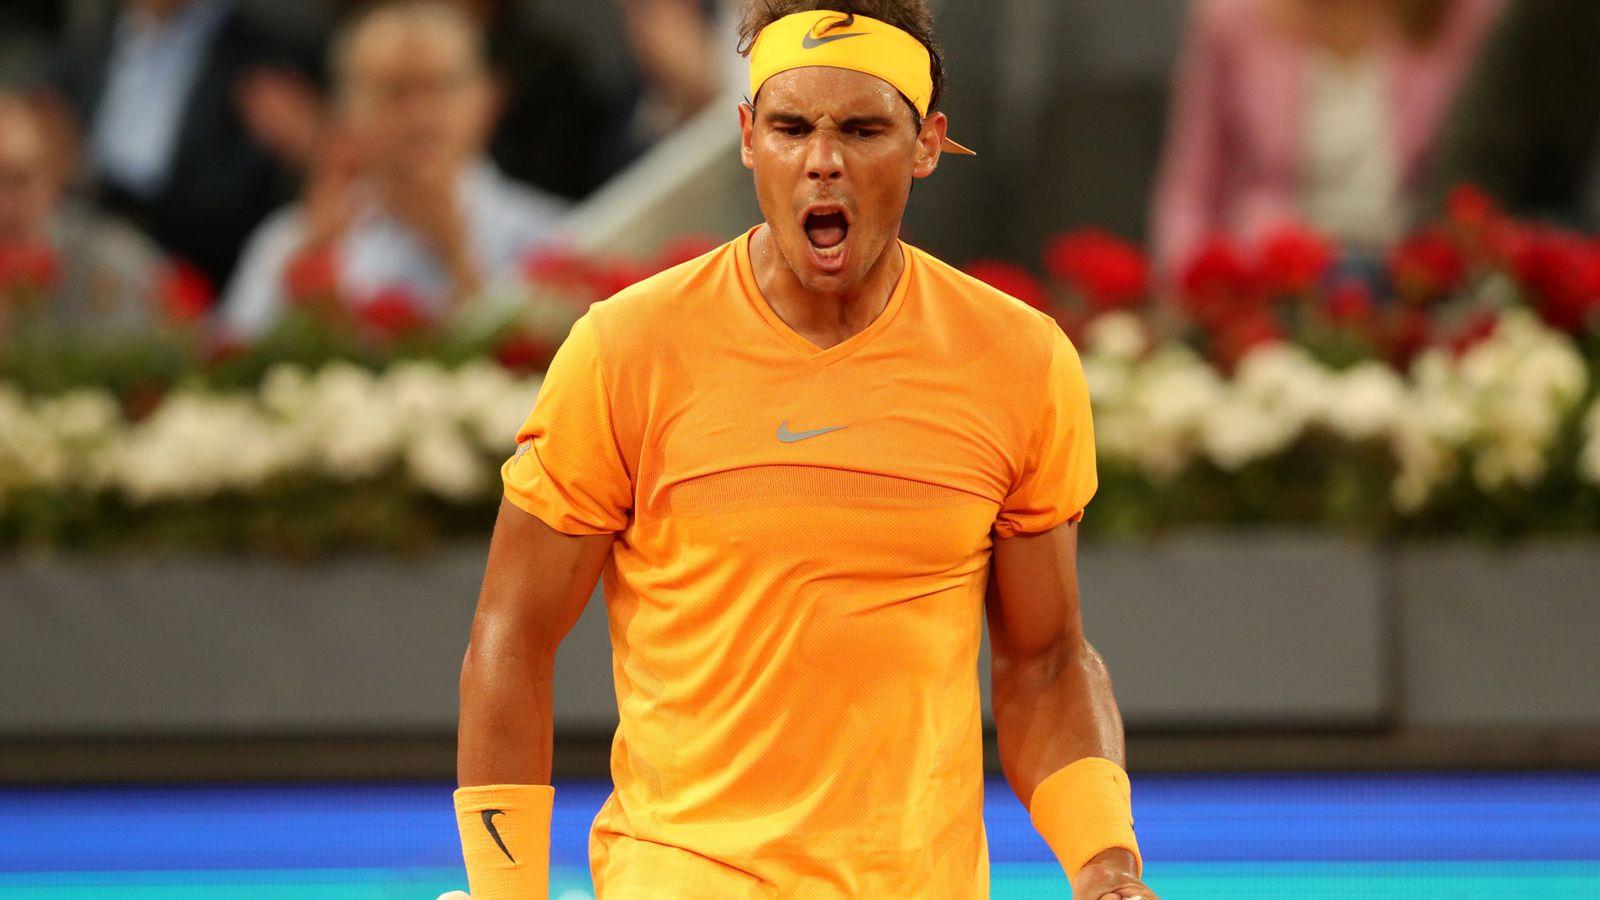 Foto: Rafa Nadal celebra con rabia uno de sus puntos ante Diego Schwartzman en los octavos de final del Mutua Madrid Open. (Reuters)